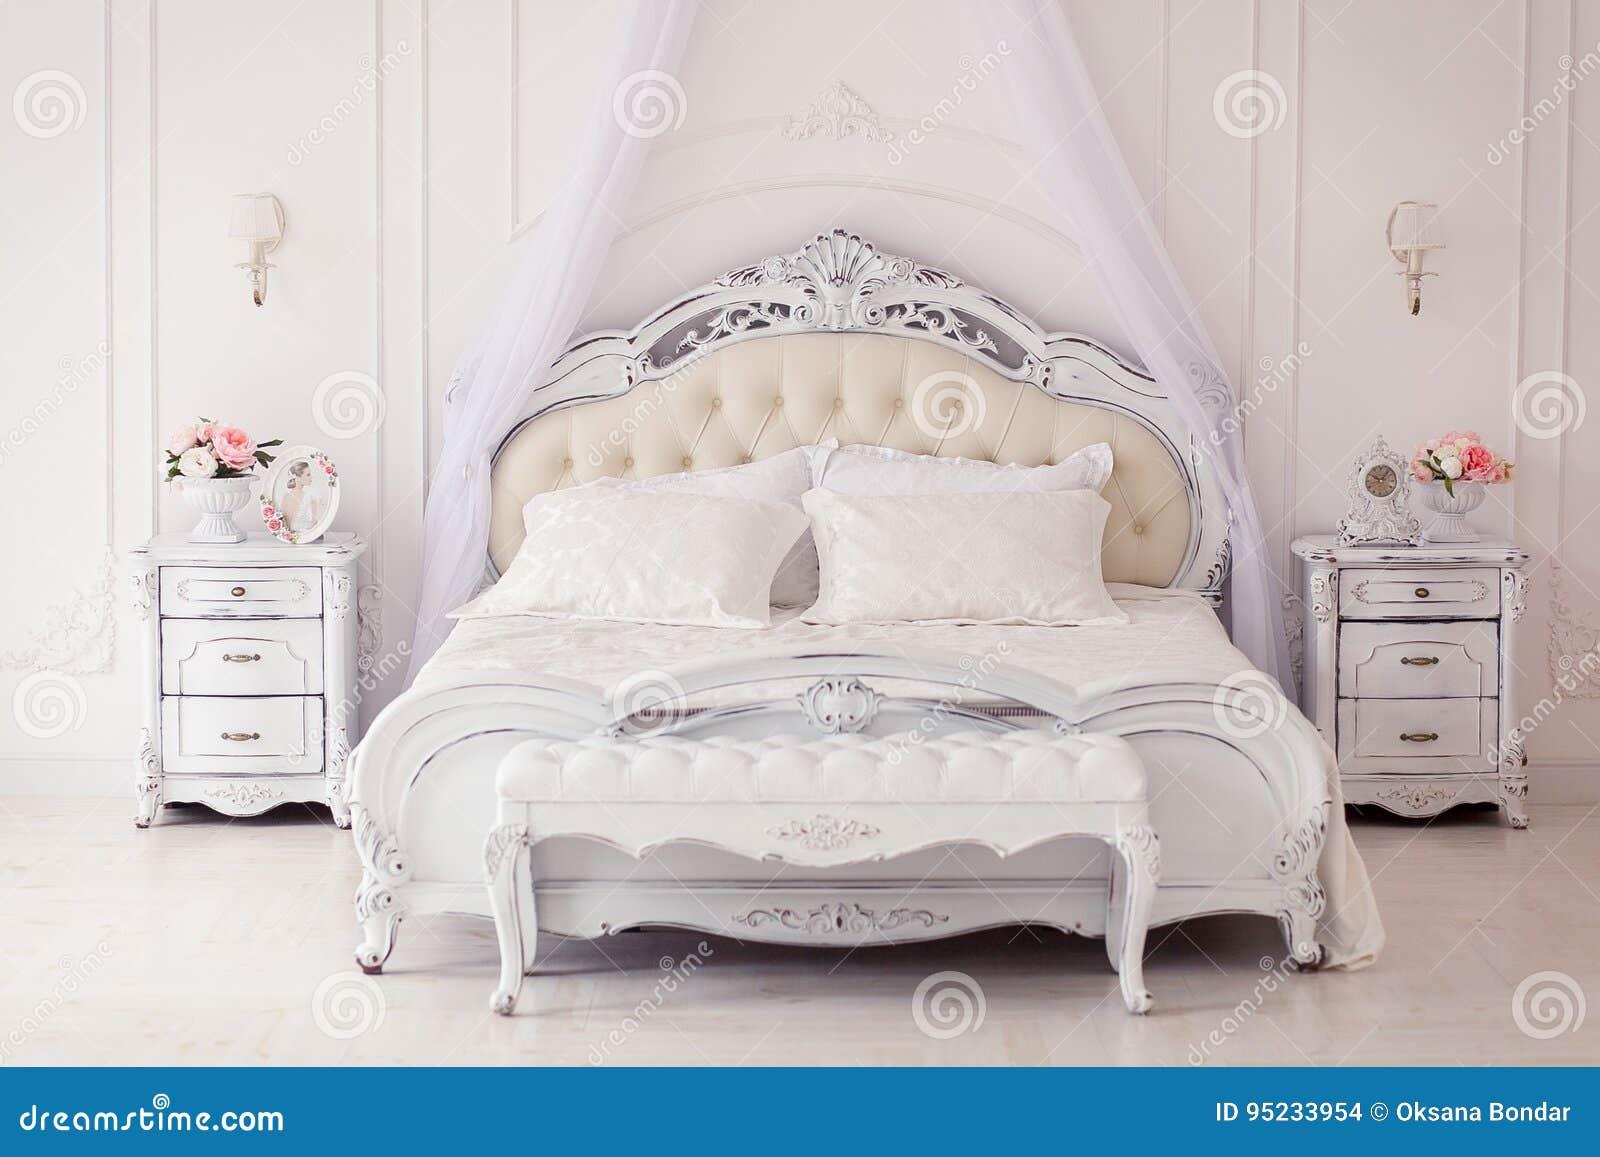 роскошная спальня в светлых цветах с золотыми деталями мебели